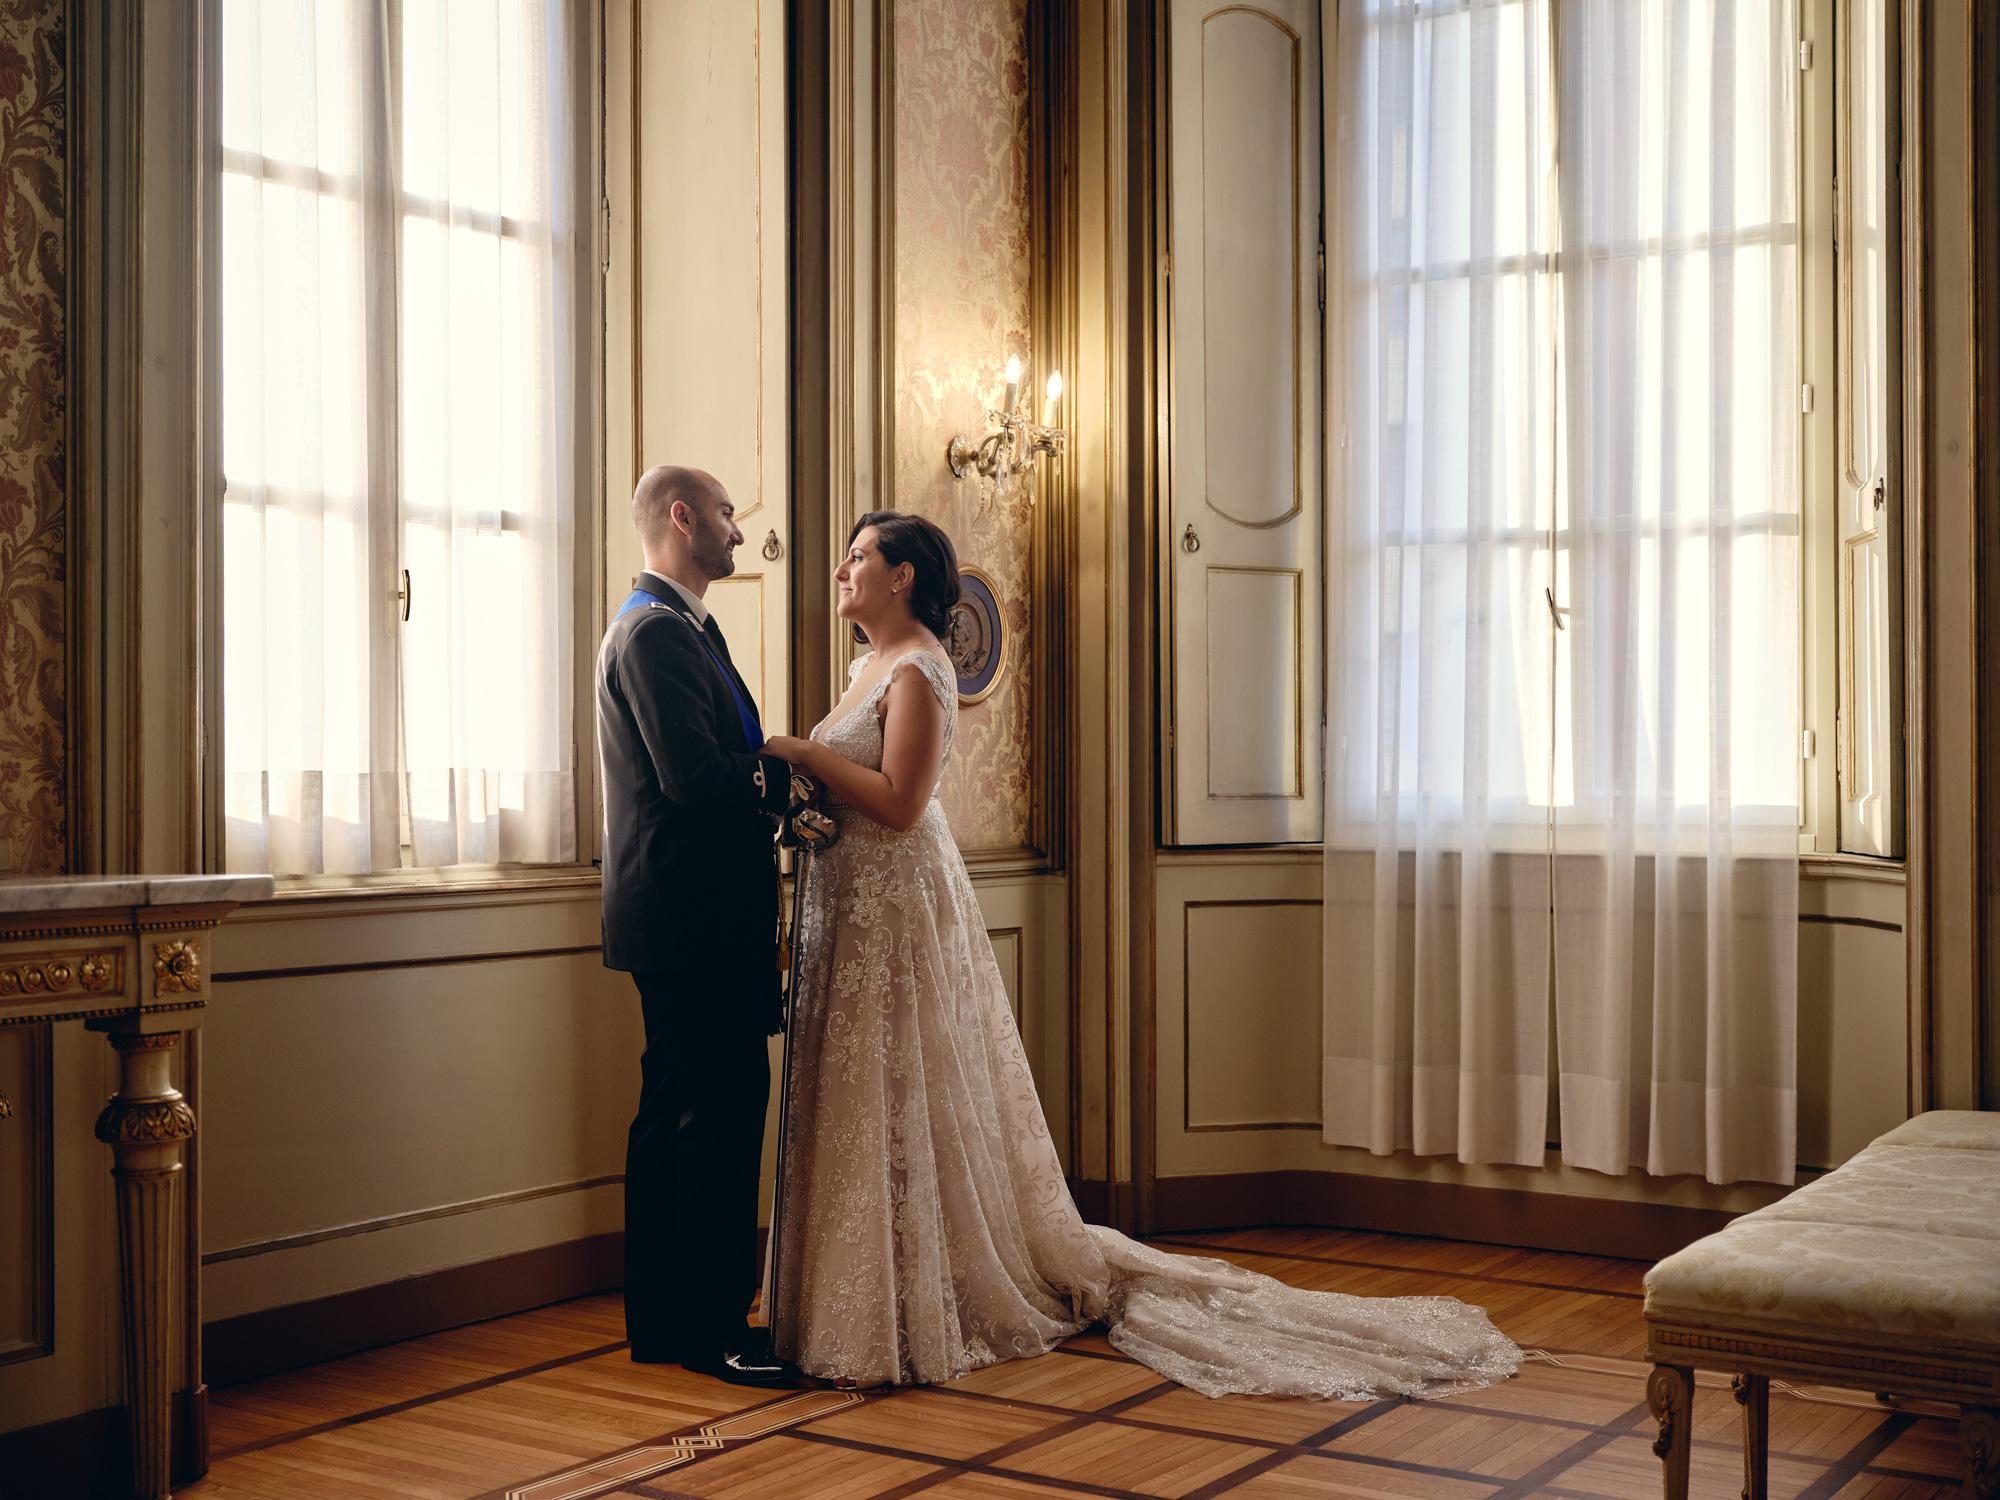 22-ivano_di_maria_fotografo_matrimonio_ fran_omar